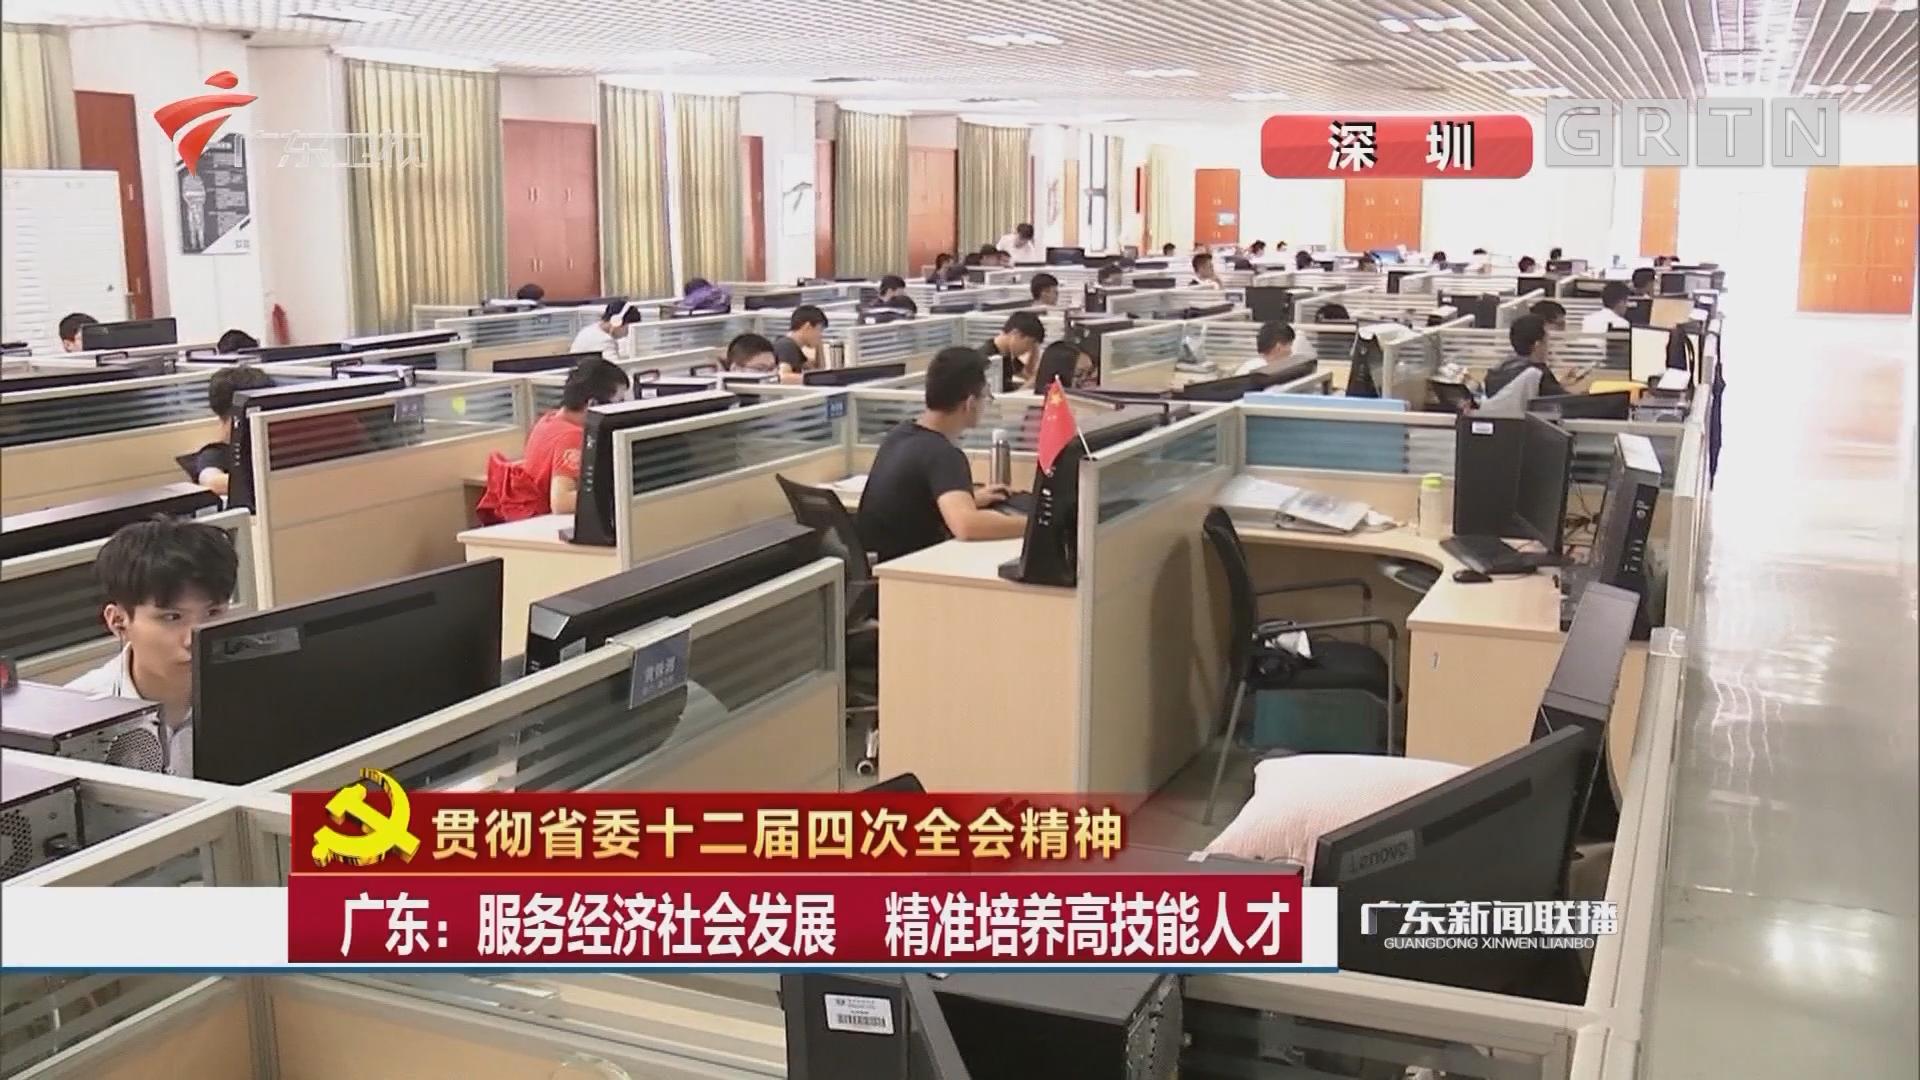 广东:服务经济社会发展 精准培养高技能人才